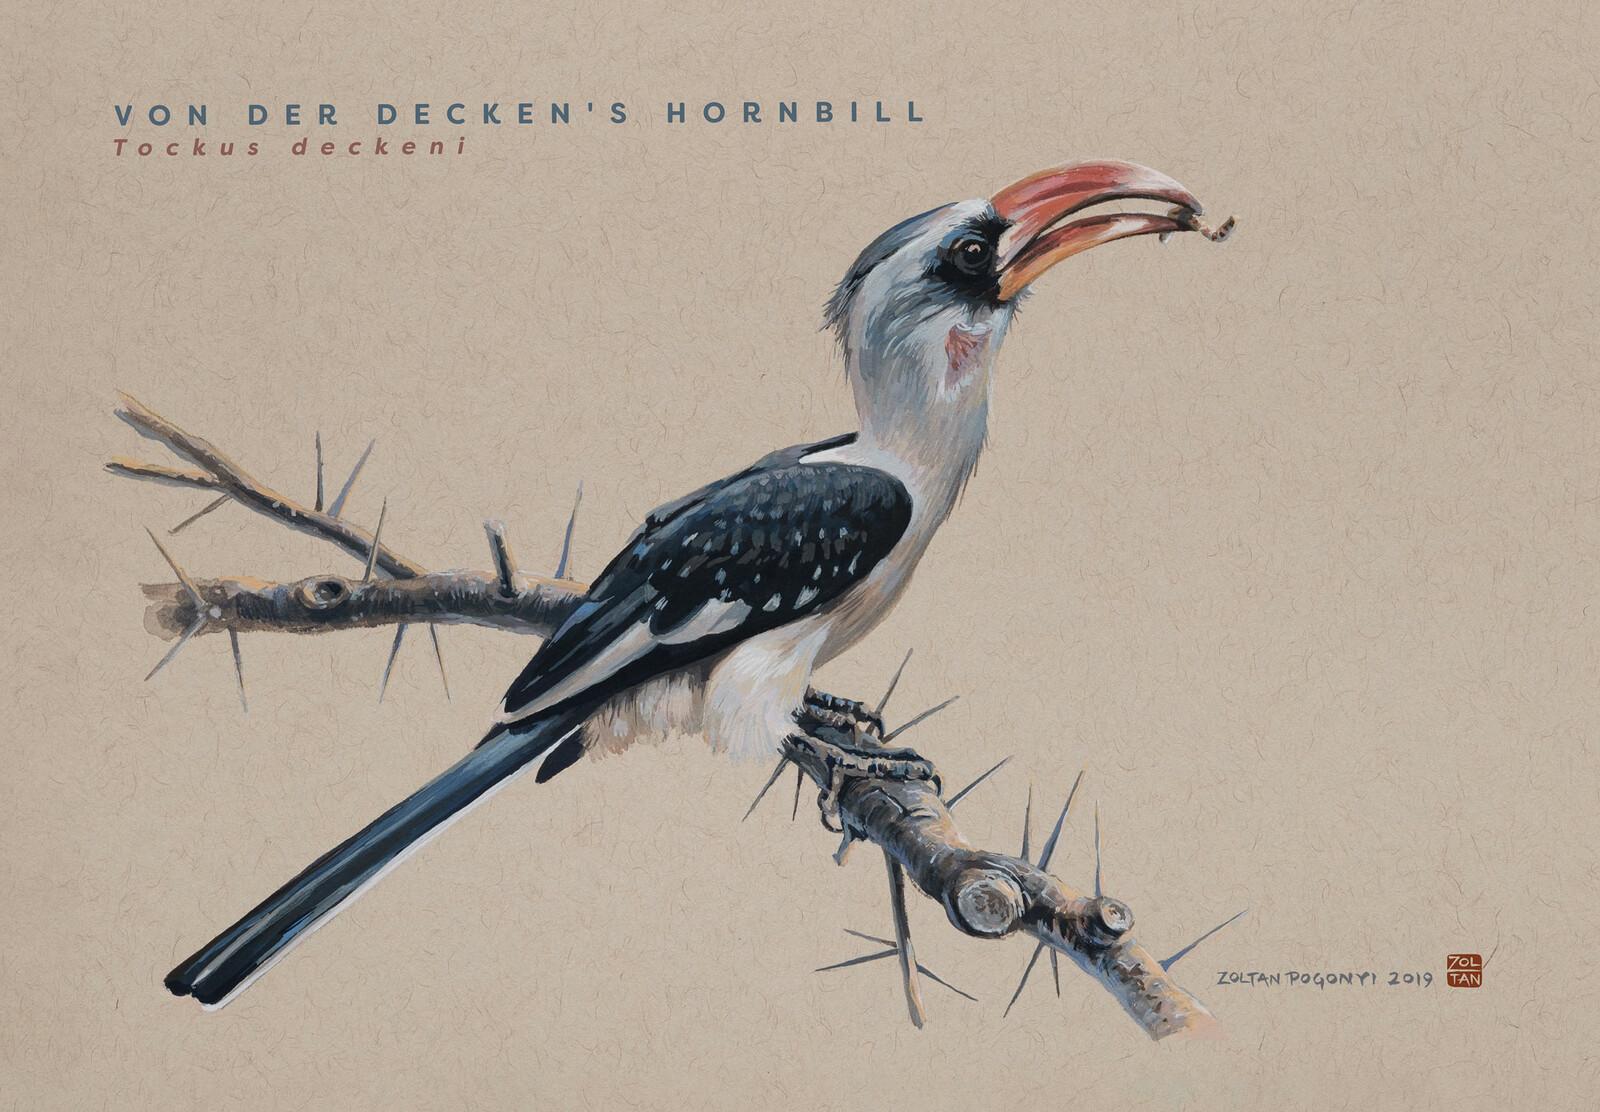 Von der Decken's hornbill (Tockus deckeni)